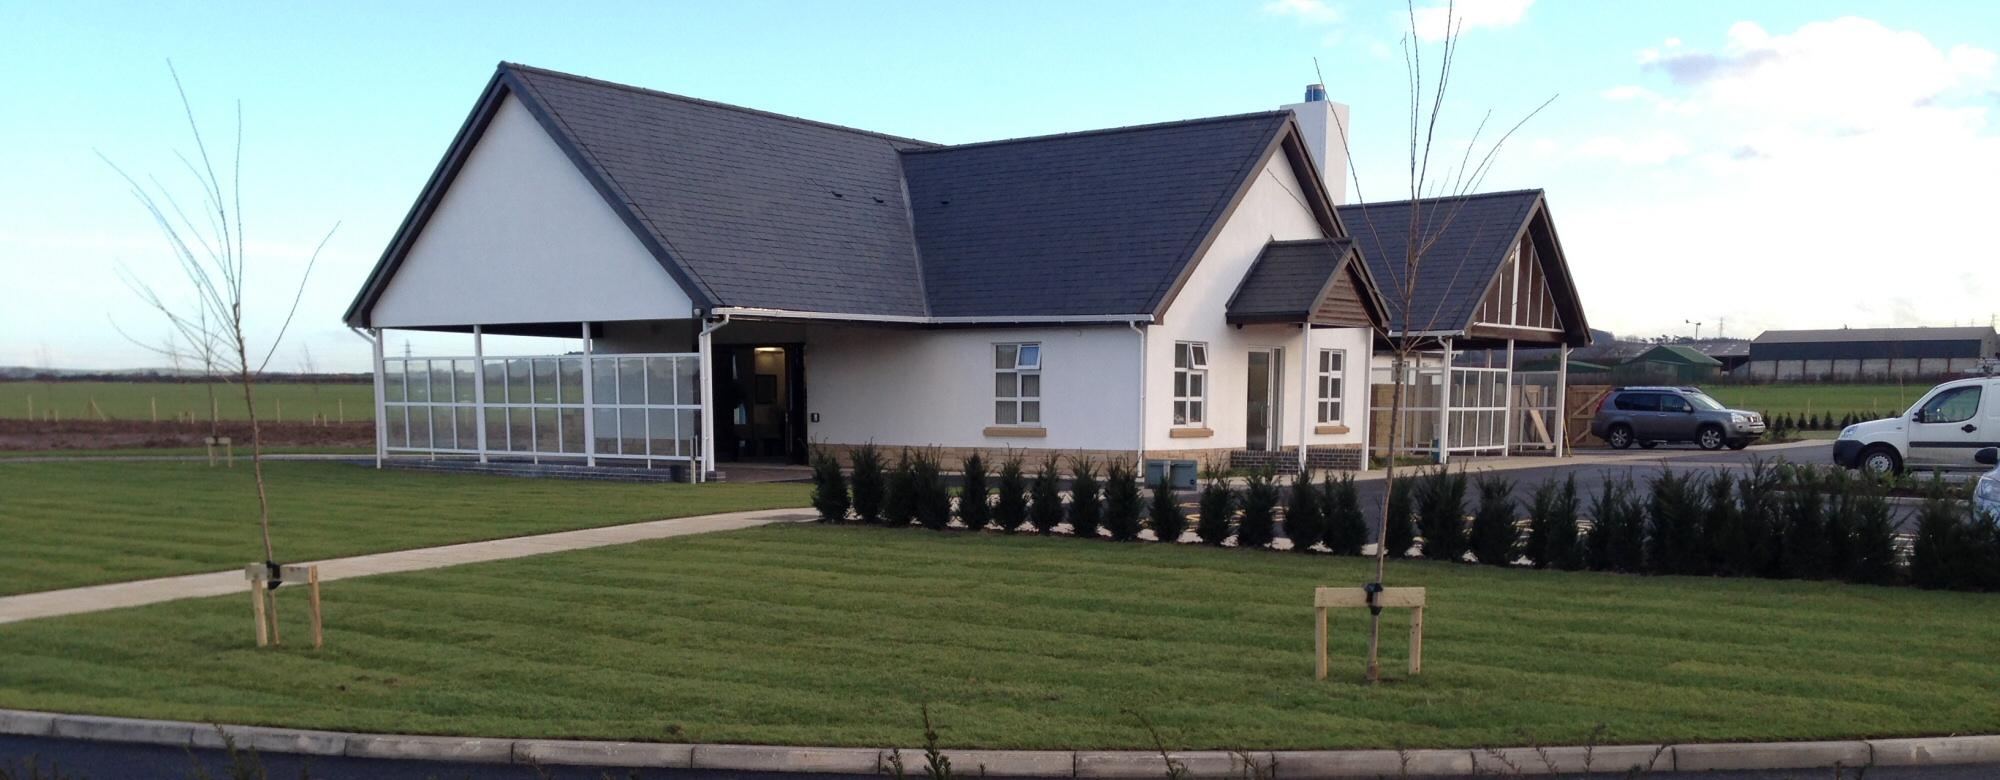 Kirkleatham Memorial Park and Crematorium